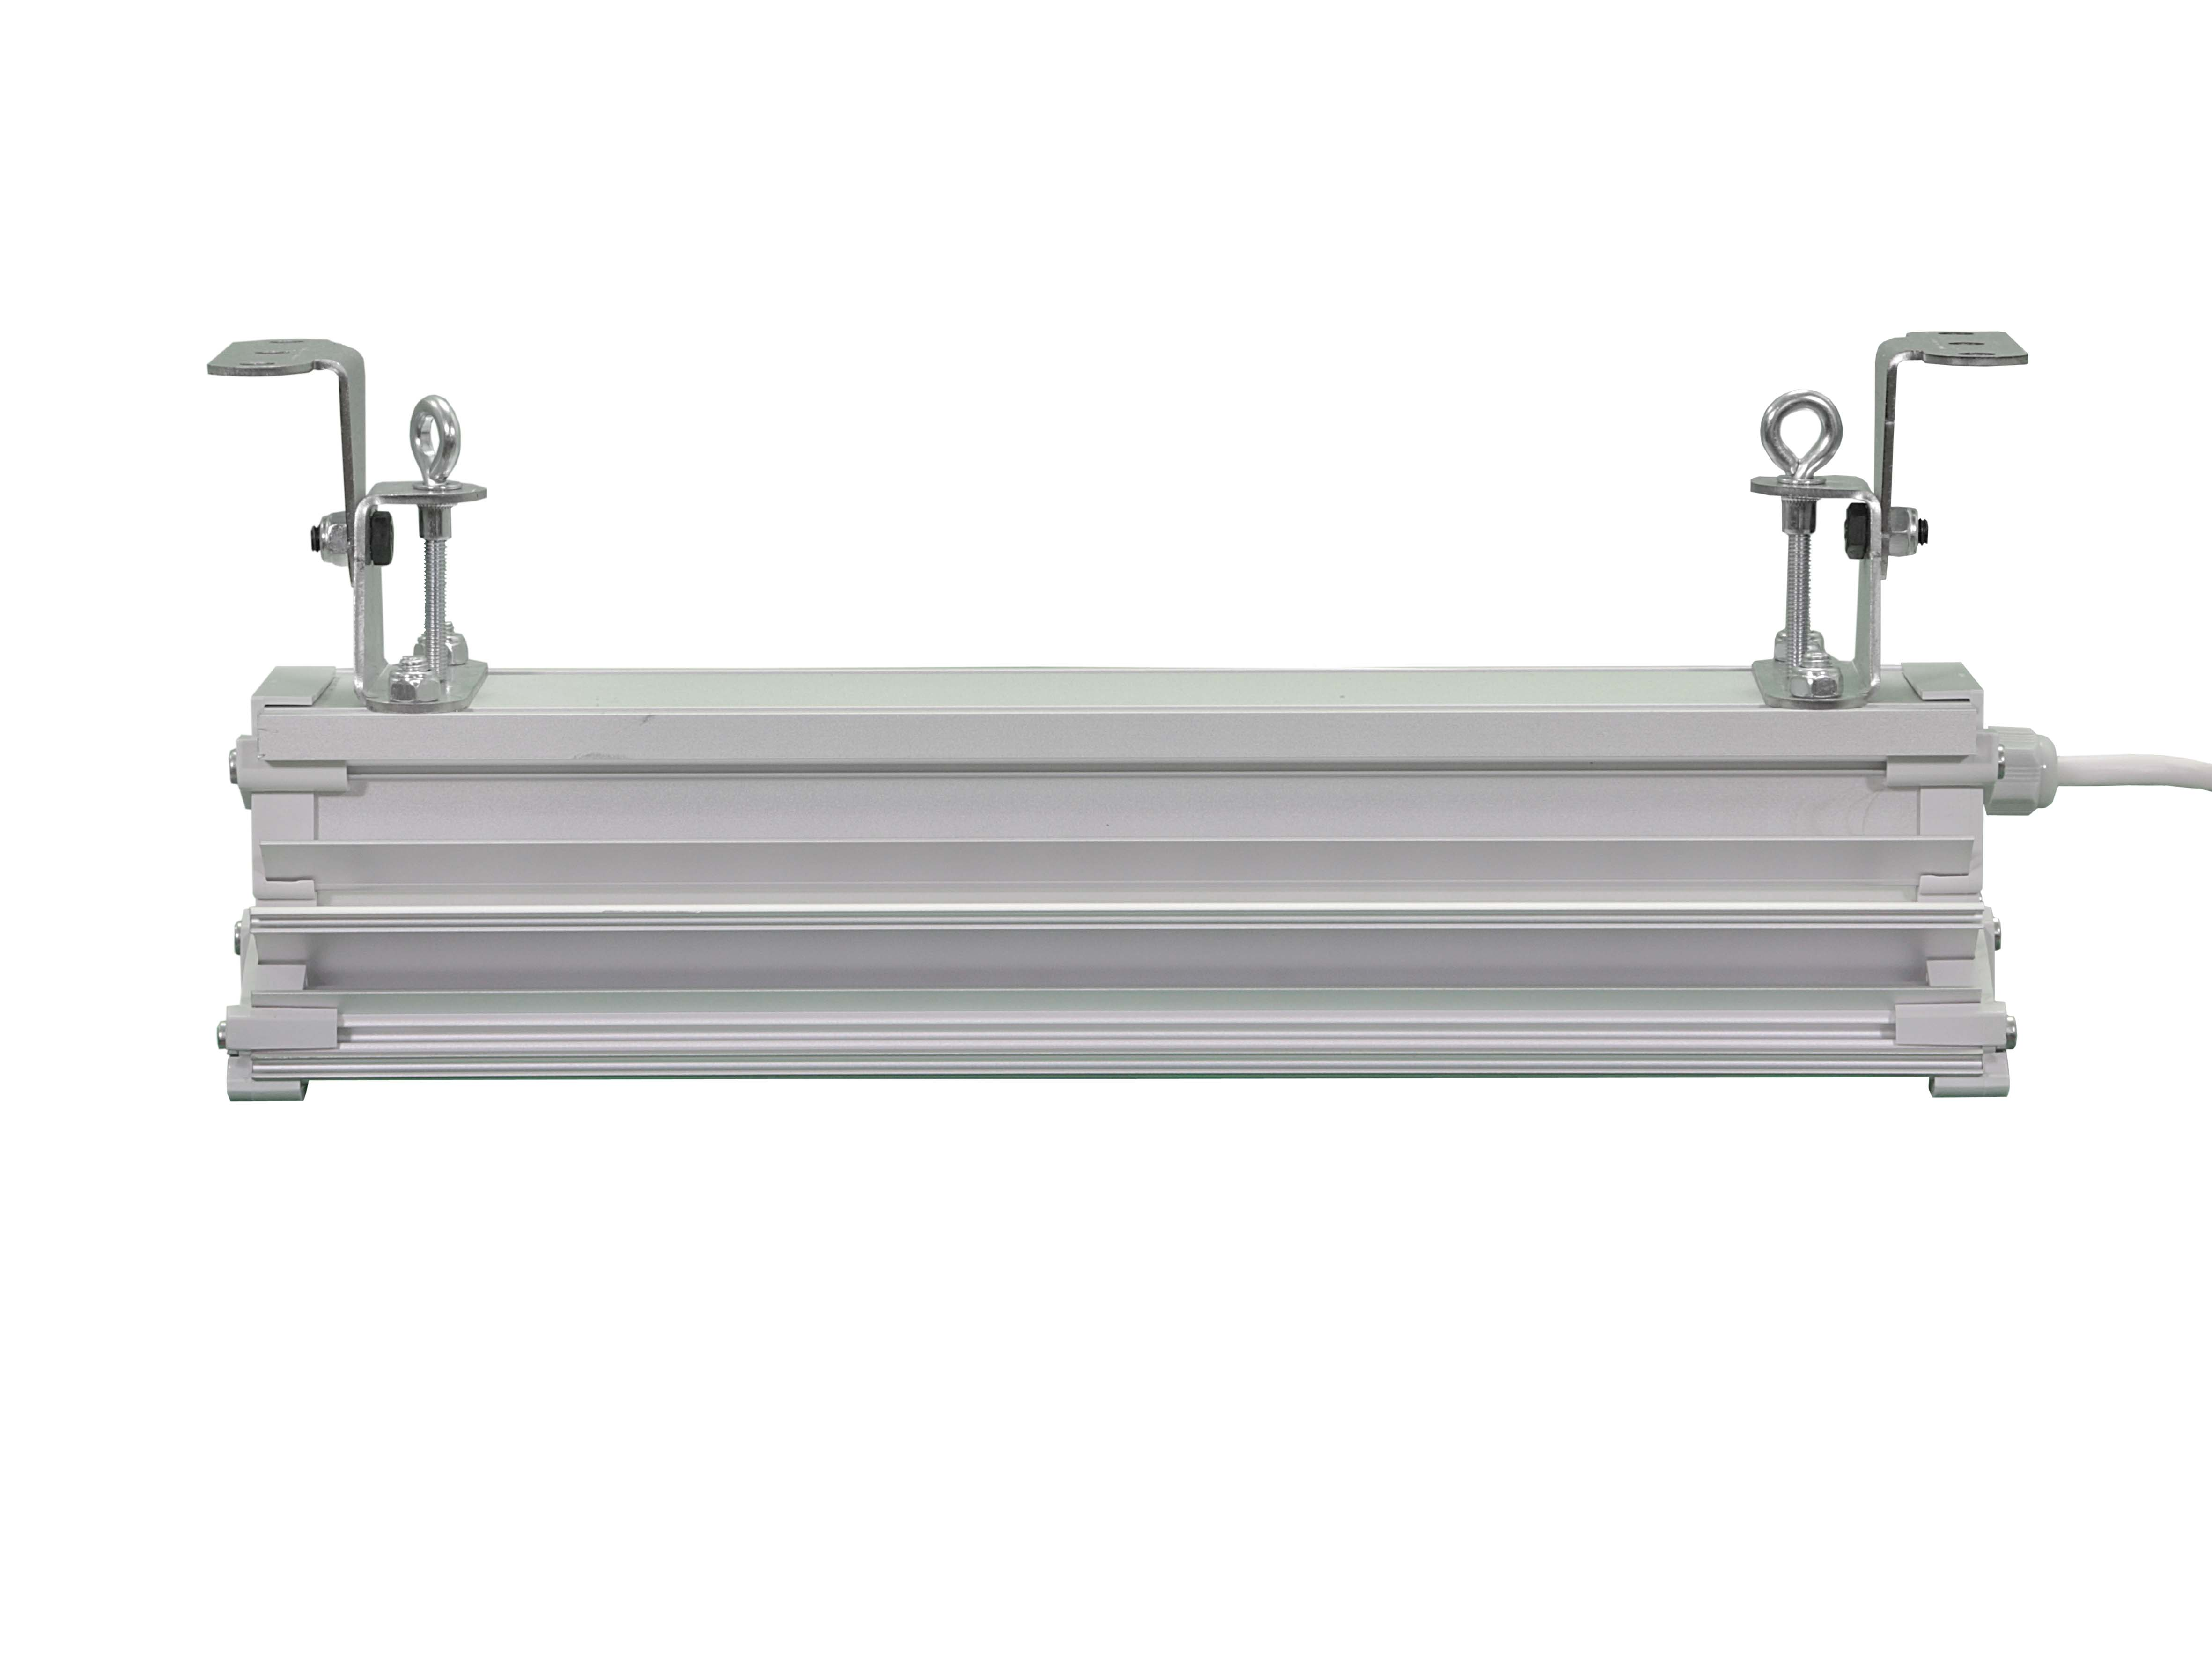 Промышленный светодиодный светильник ДСП Премиум-20 20Вт 2025Лм